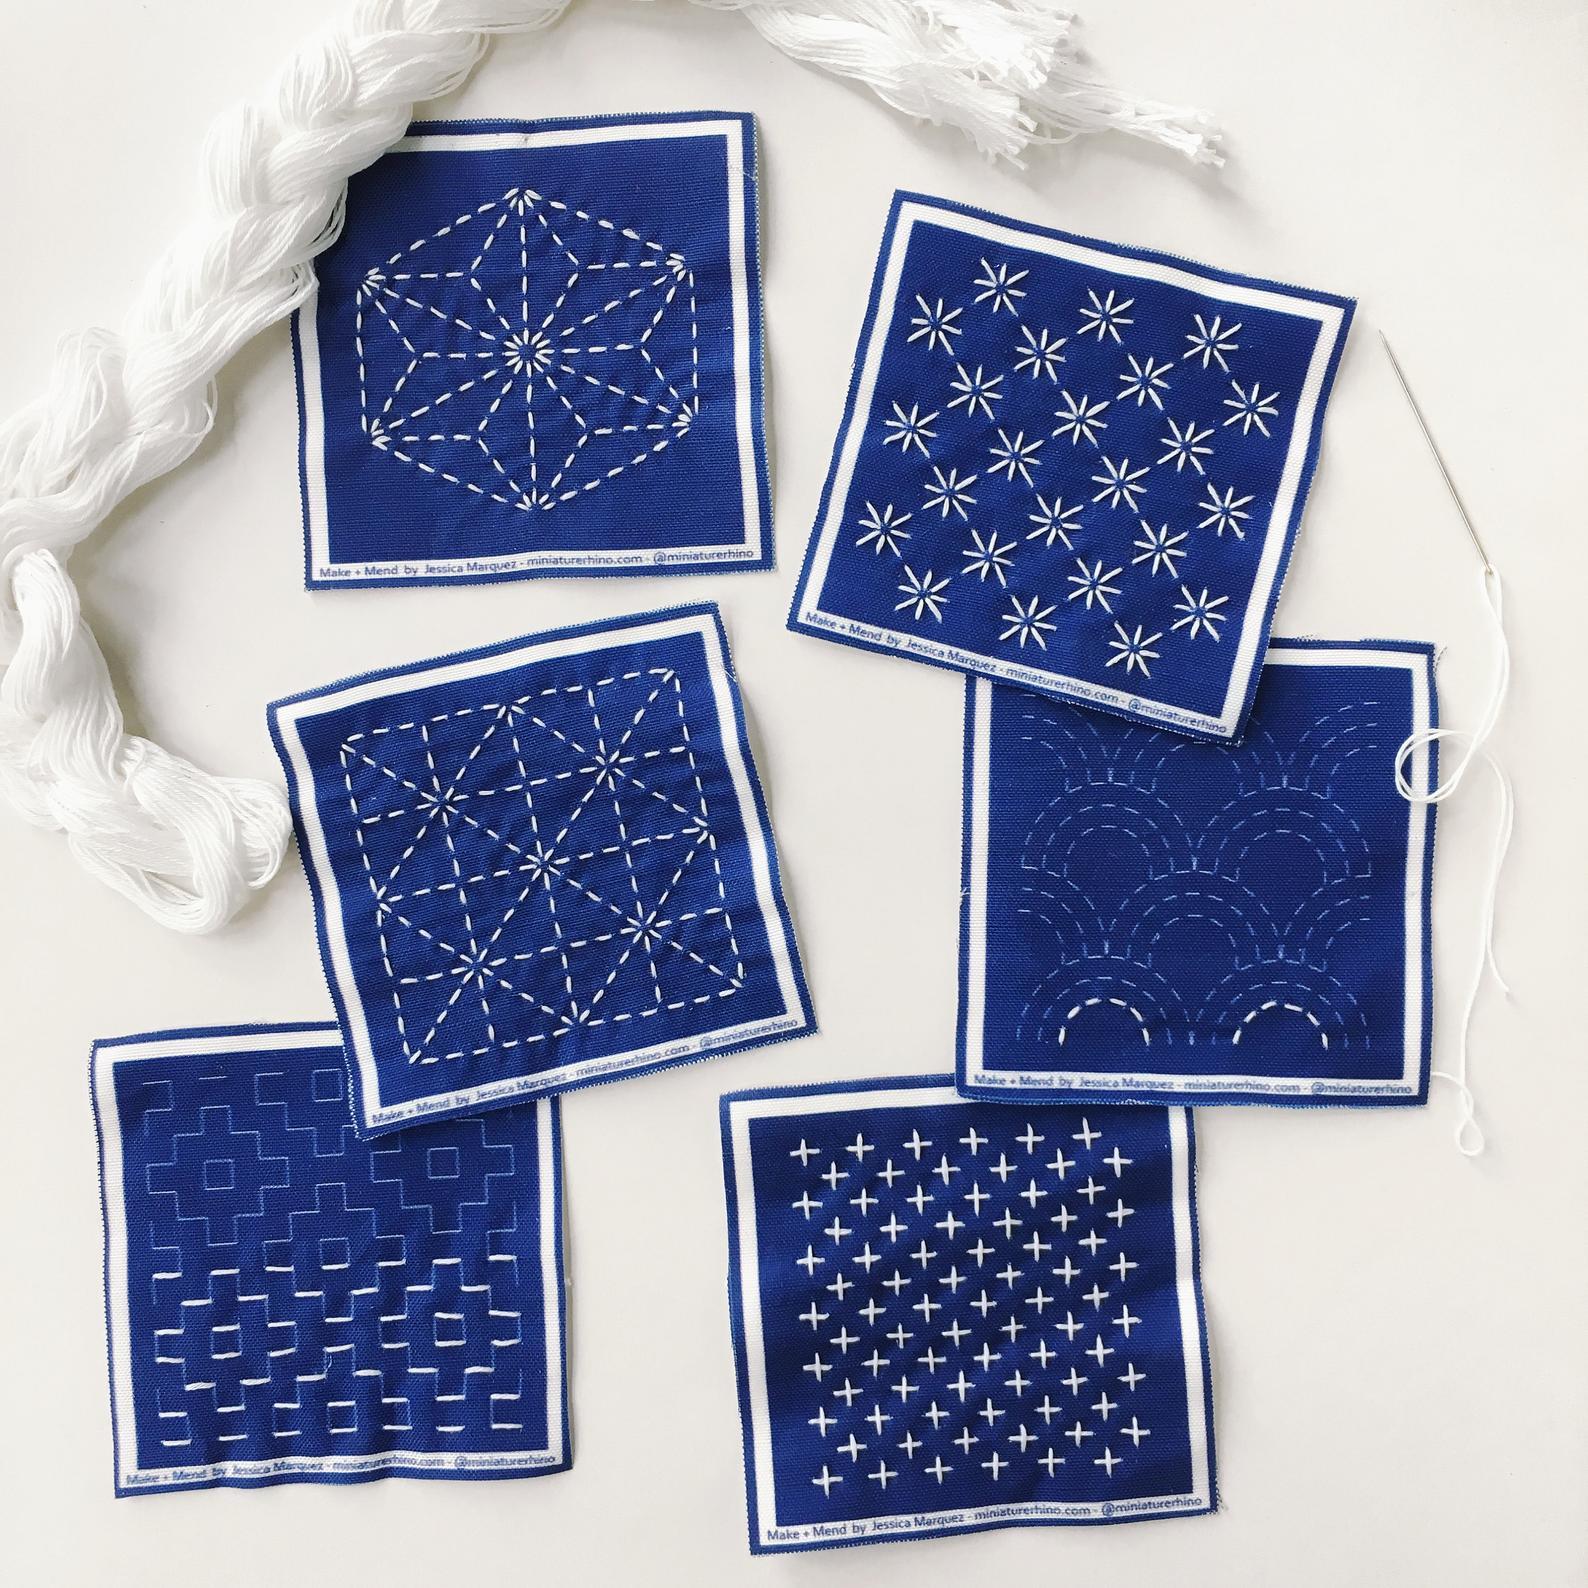 sashiko sampler kit